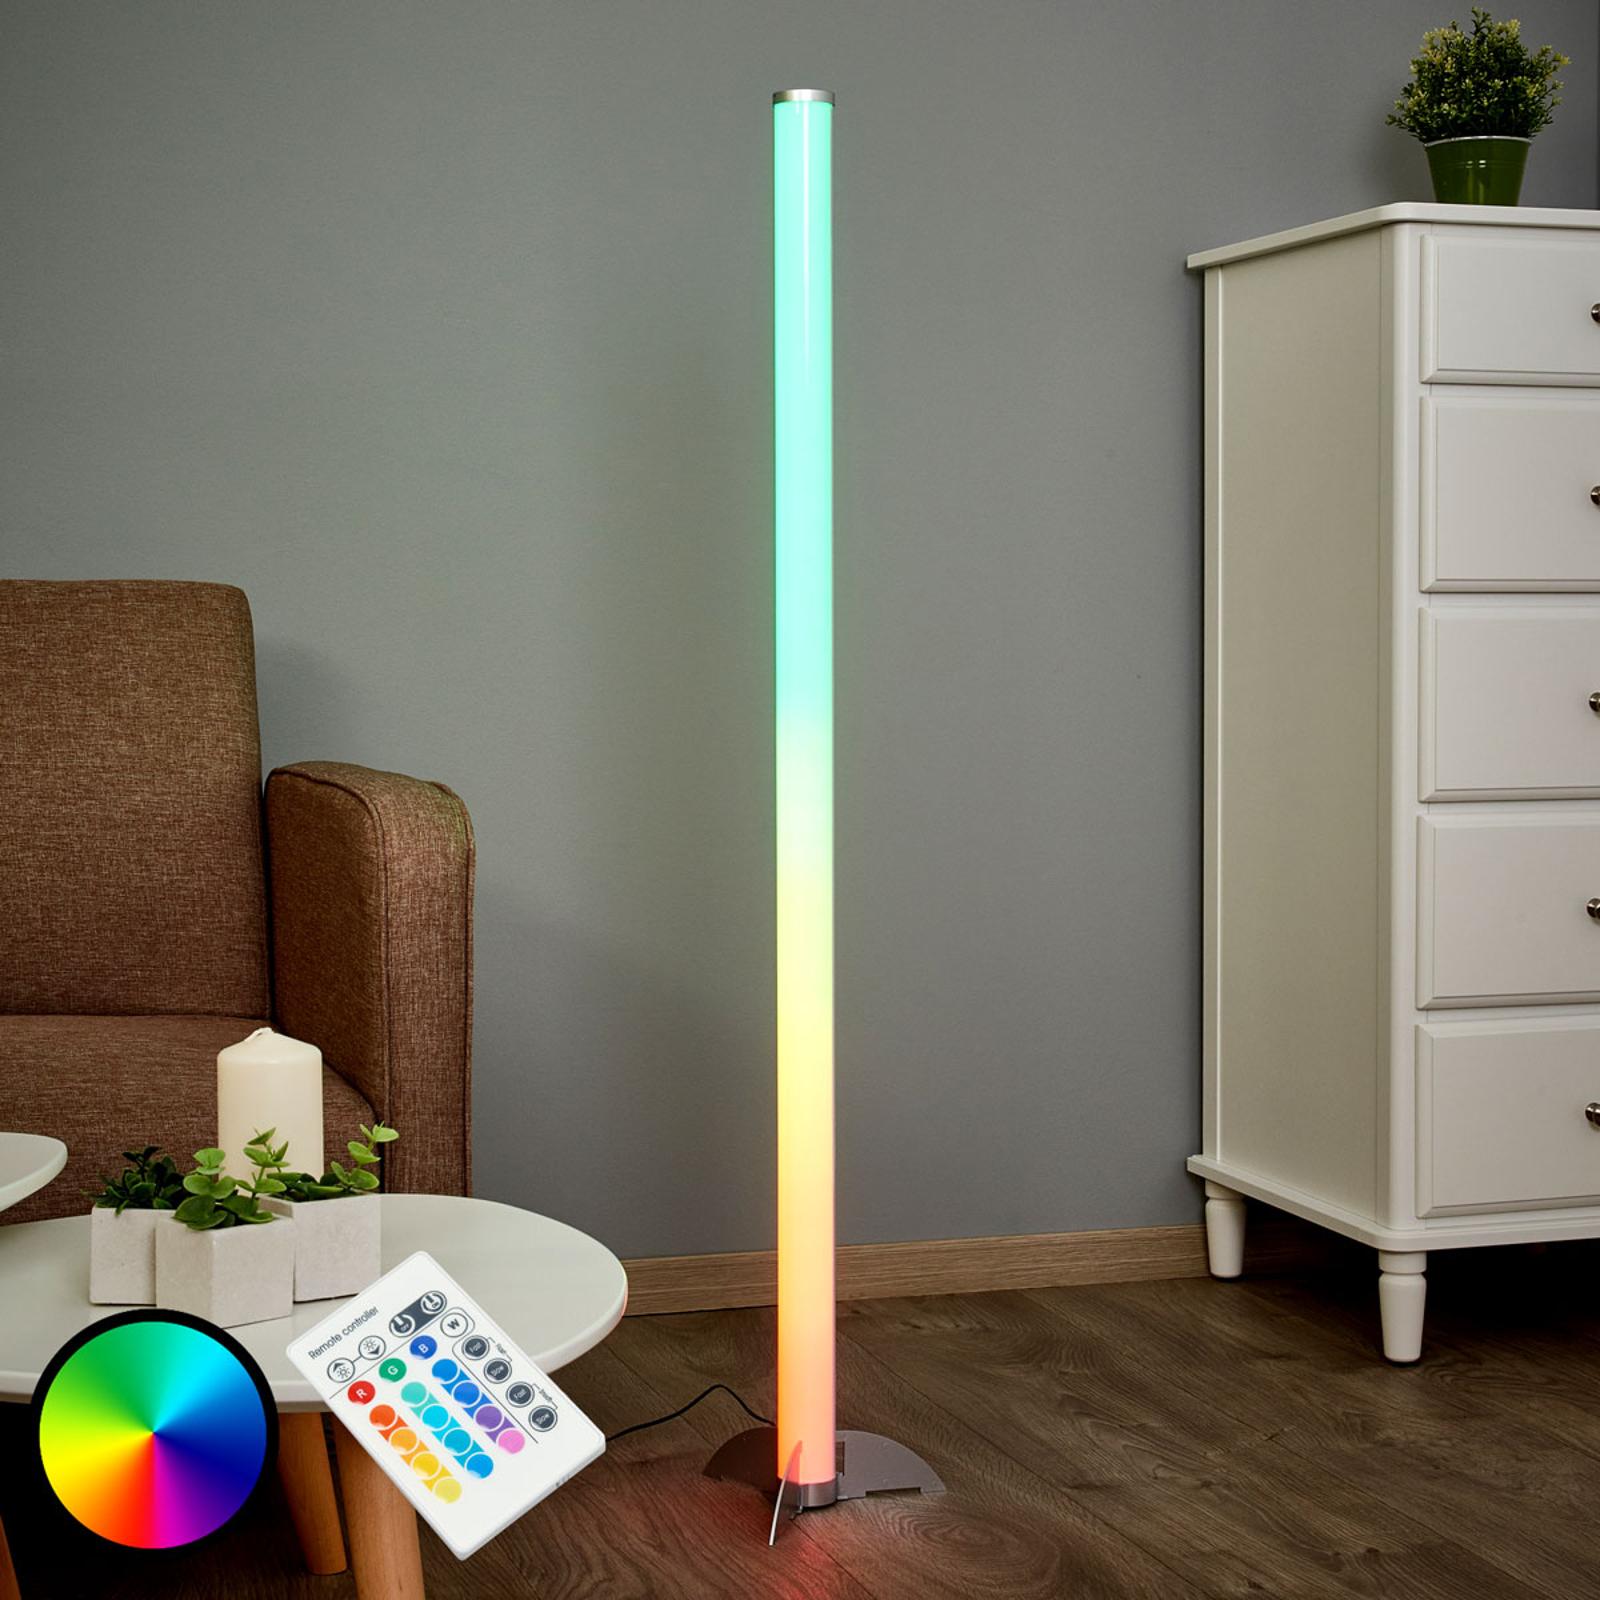 Effectvolle LED-vloerlamp Ilani RGB